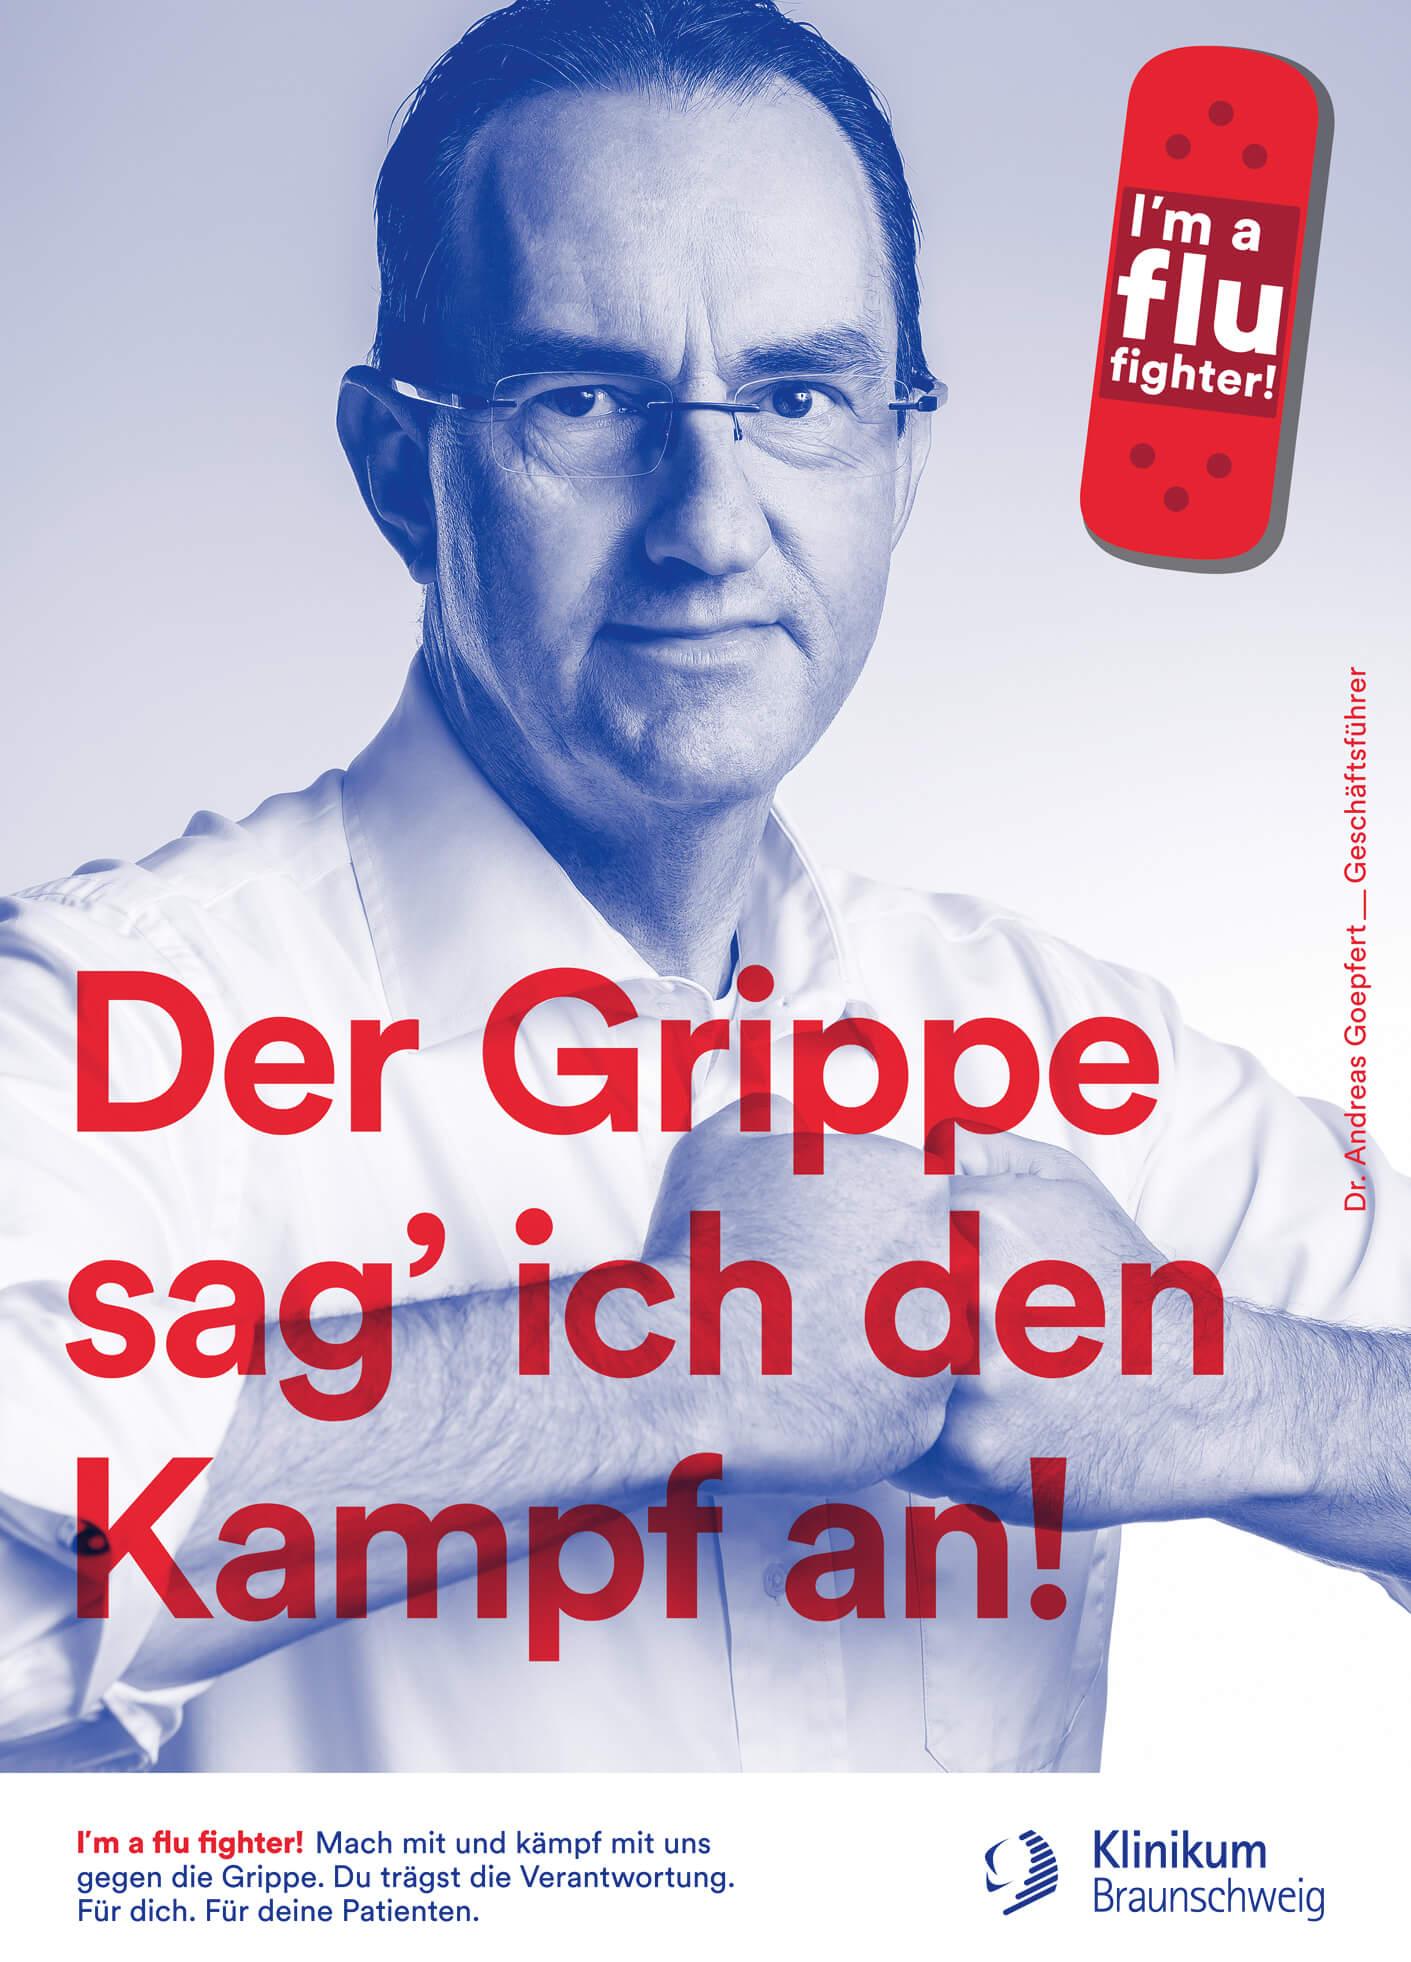 cyclos klinikum braunschweig kampagne flu fighter plakat marketing werbeagentur